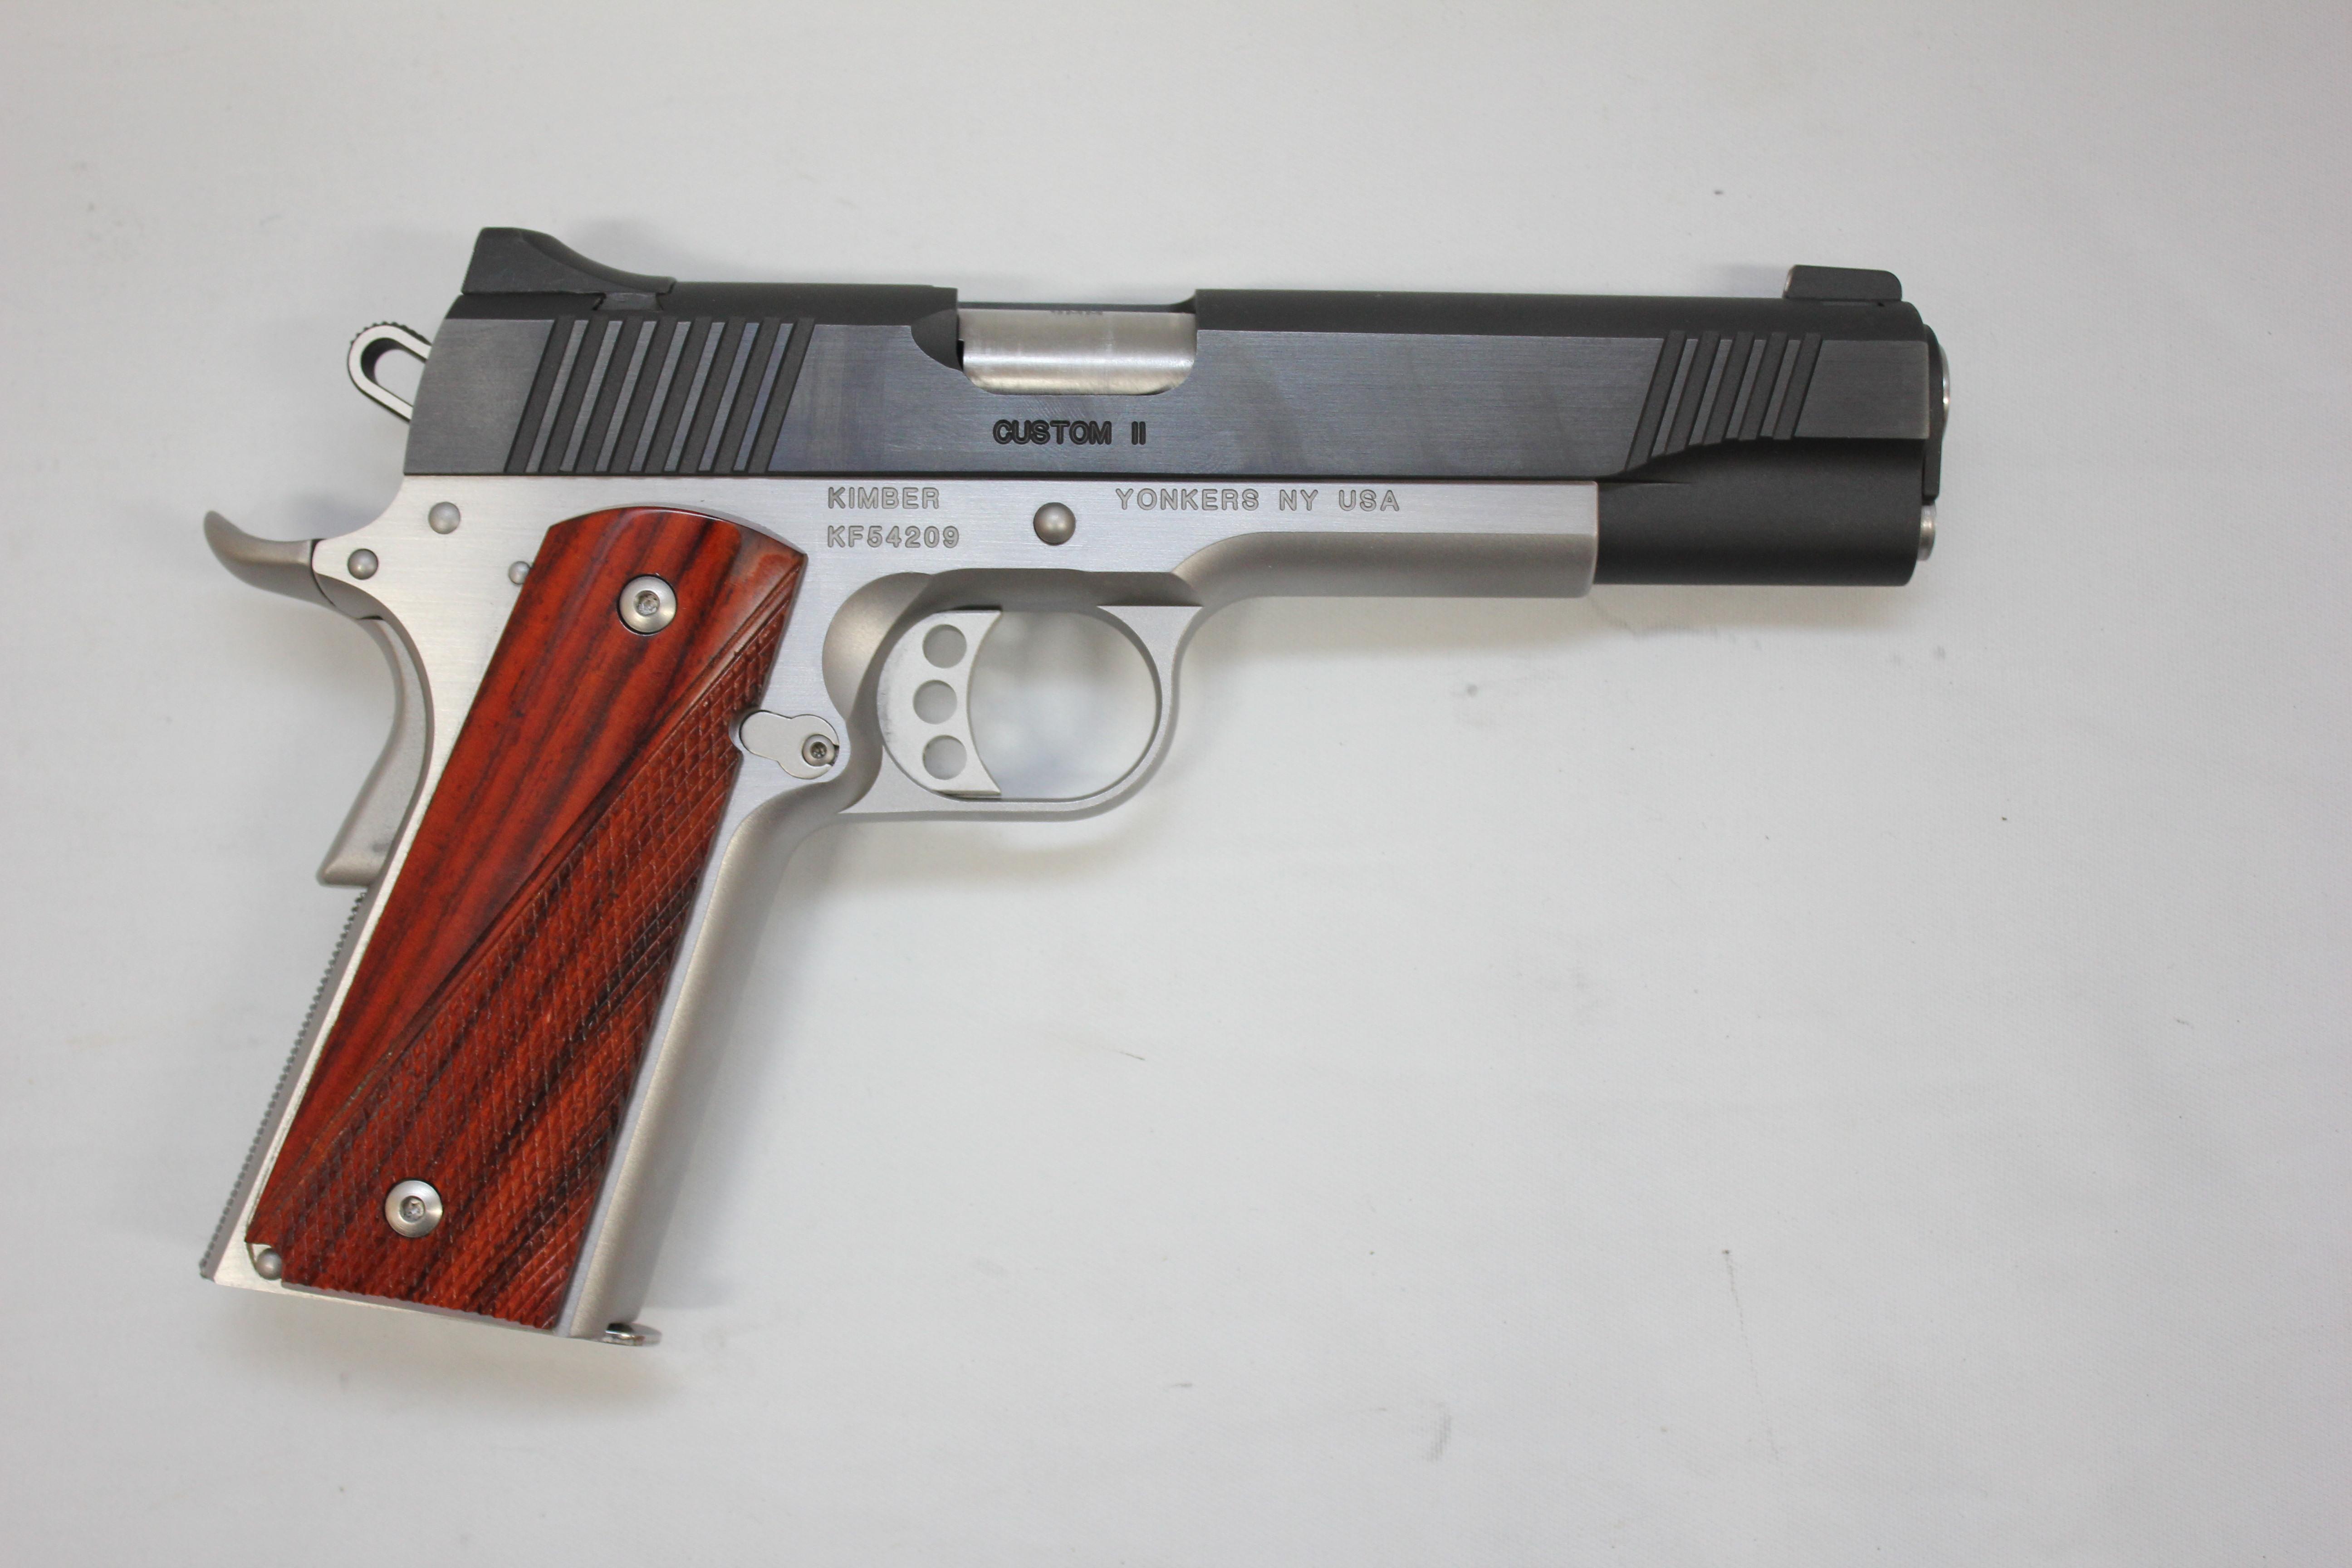 Used Kimber Custom II 1911 9 mm Semi-Automatic Pistol